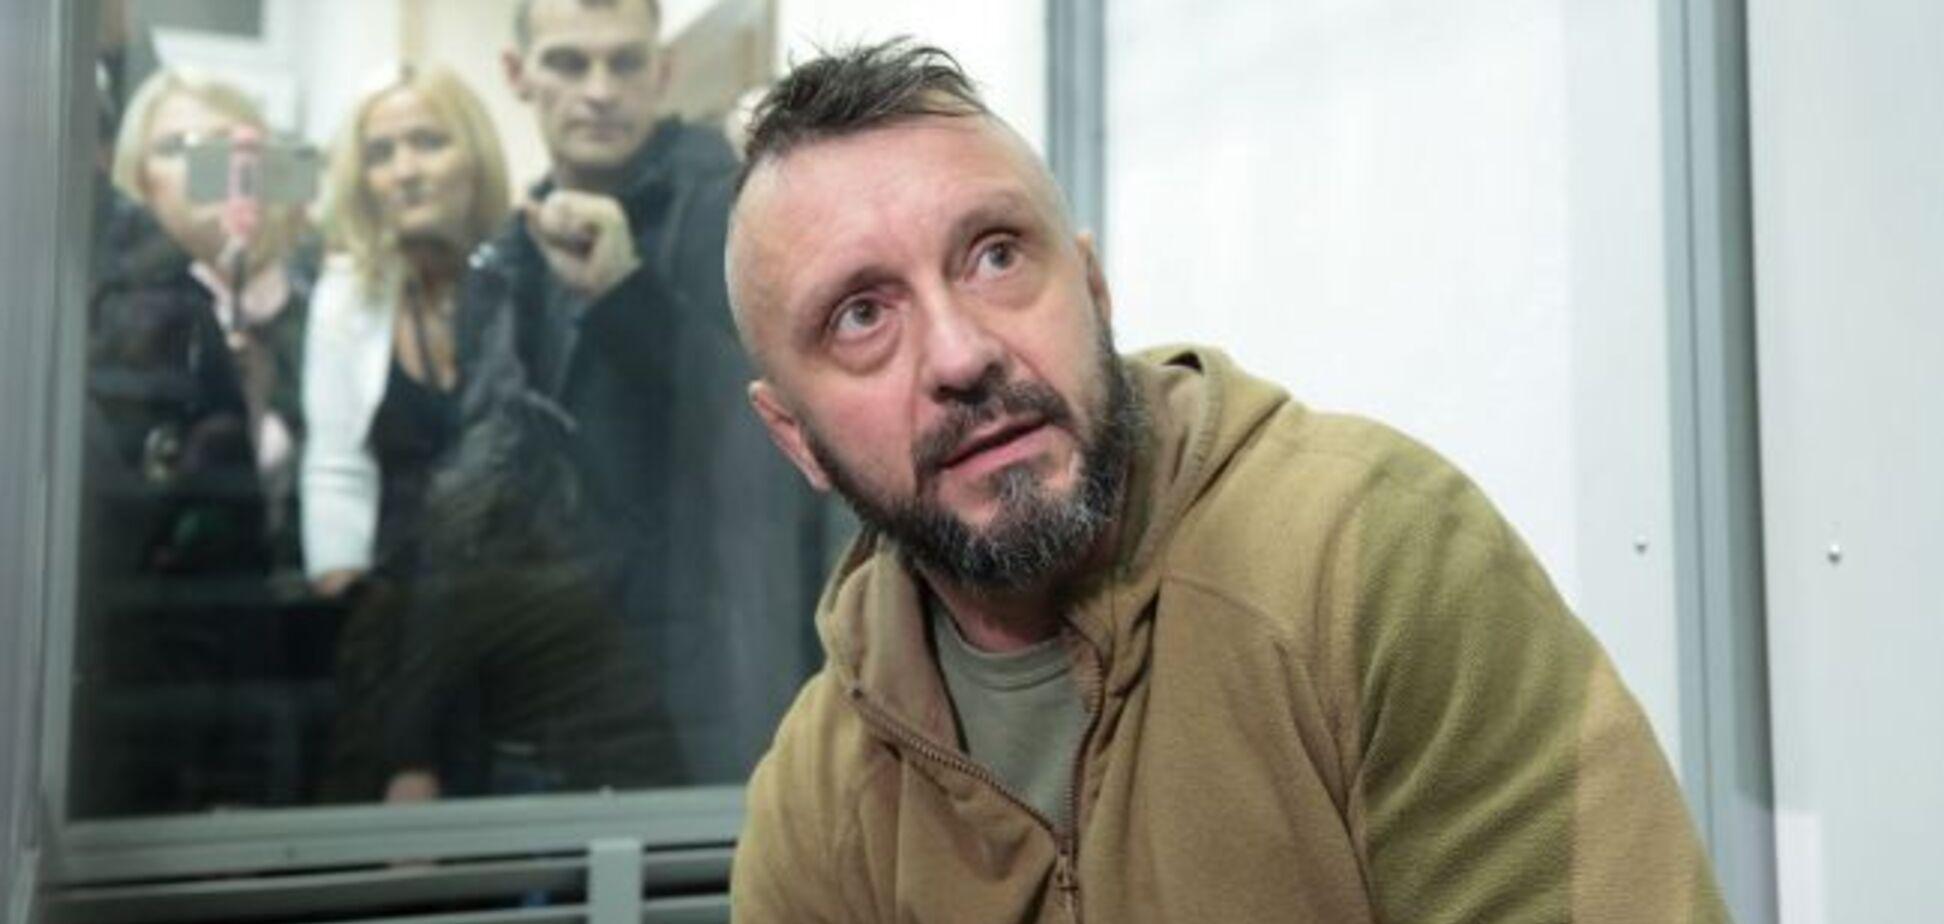 Антоненко висунув свої версії, чому став підозрюваним у вбивстві Шеремета